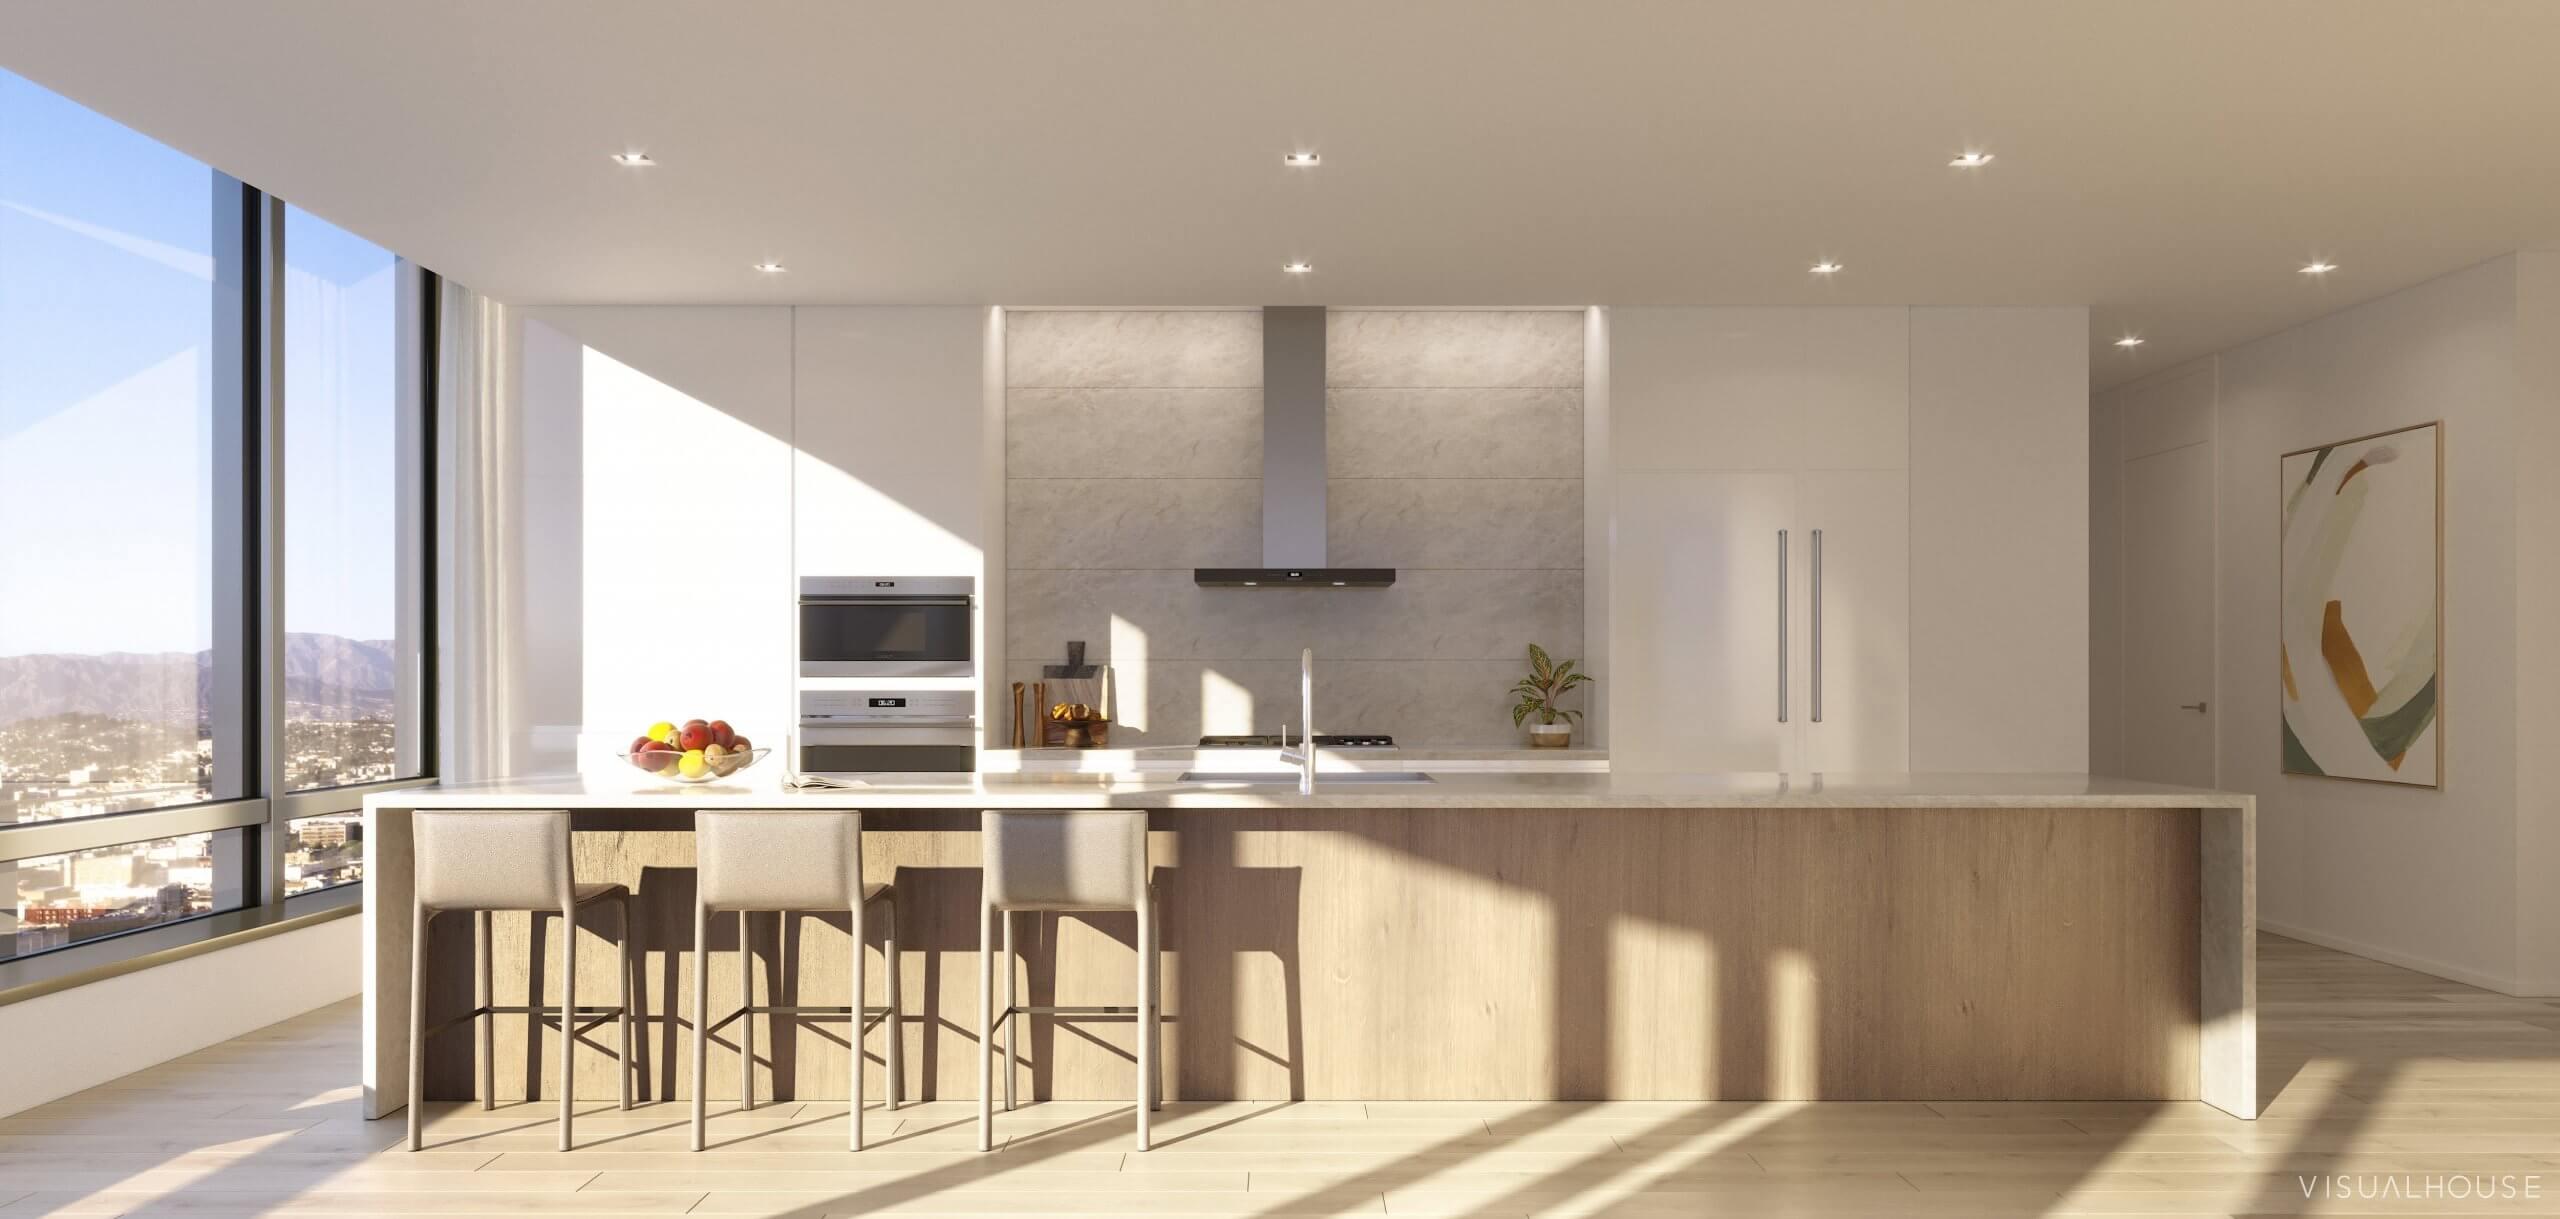 visualhouse___Tower_1___Interior_Kitchen_Close_Up_Light_Scheme__Update_-8.0